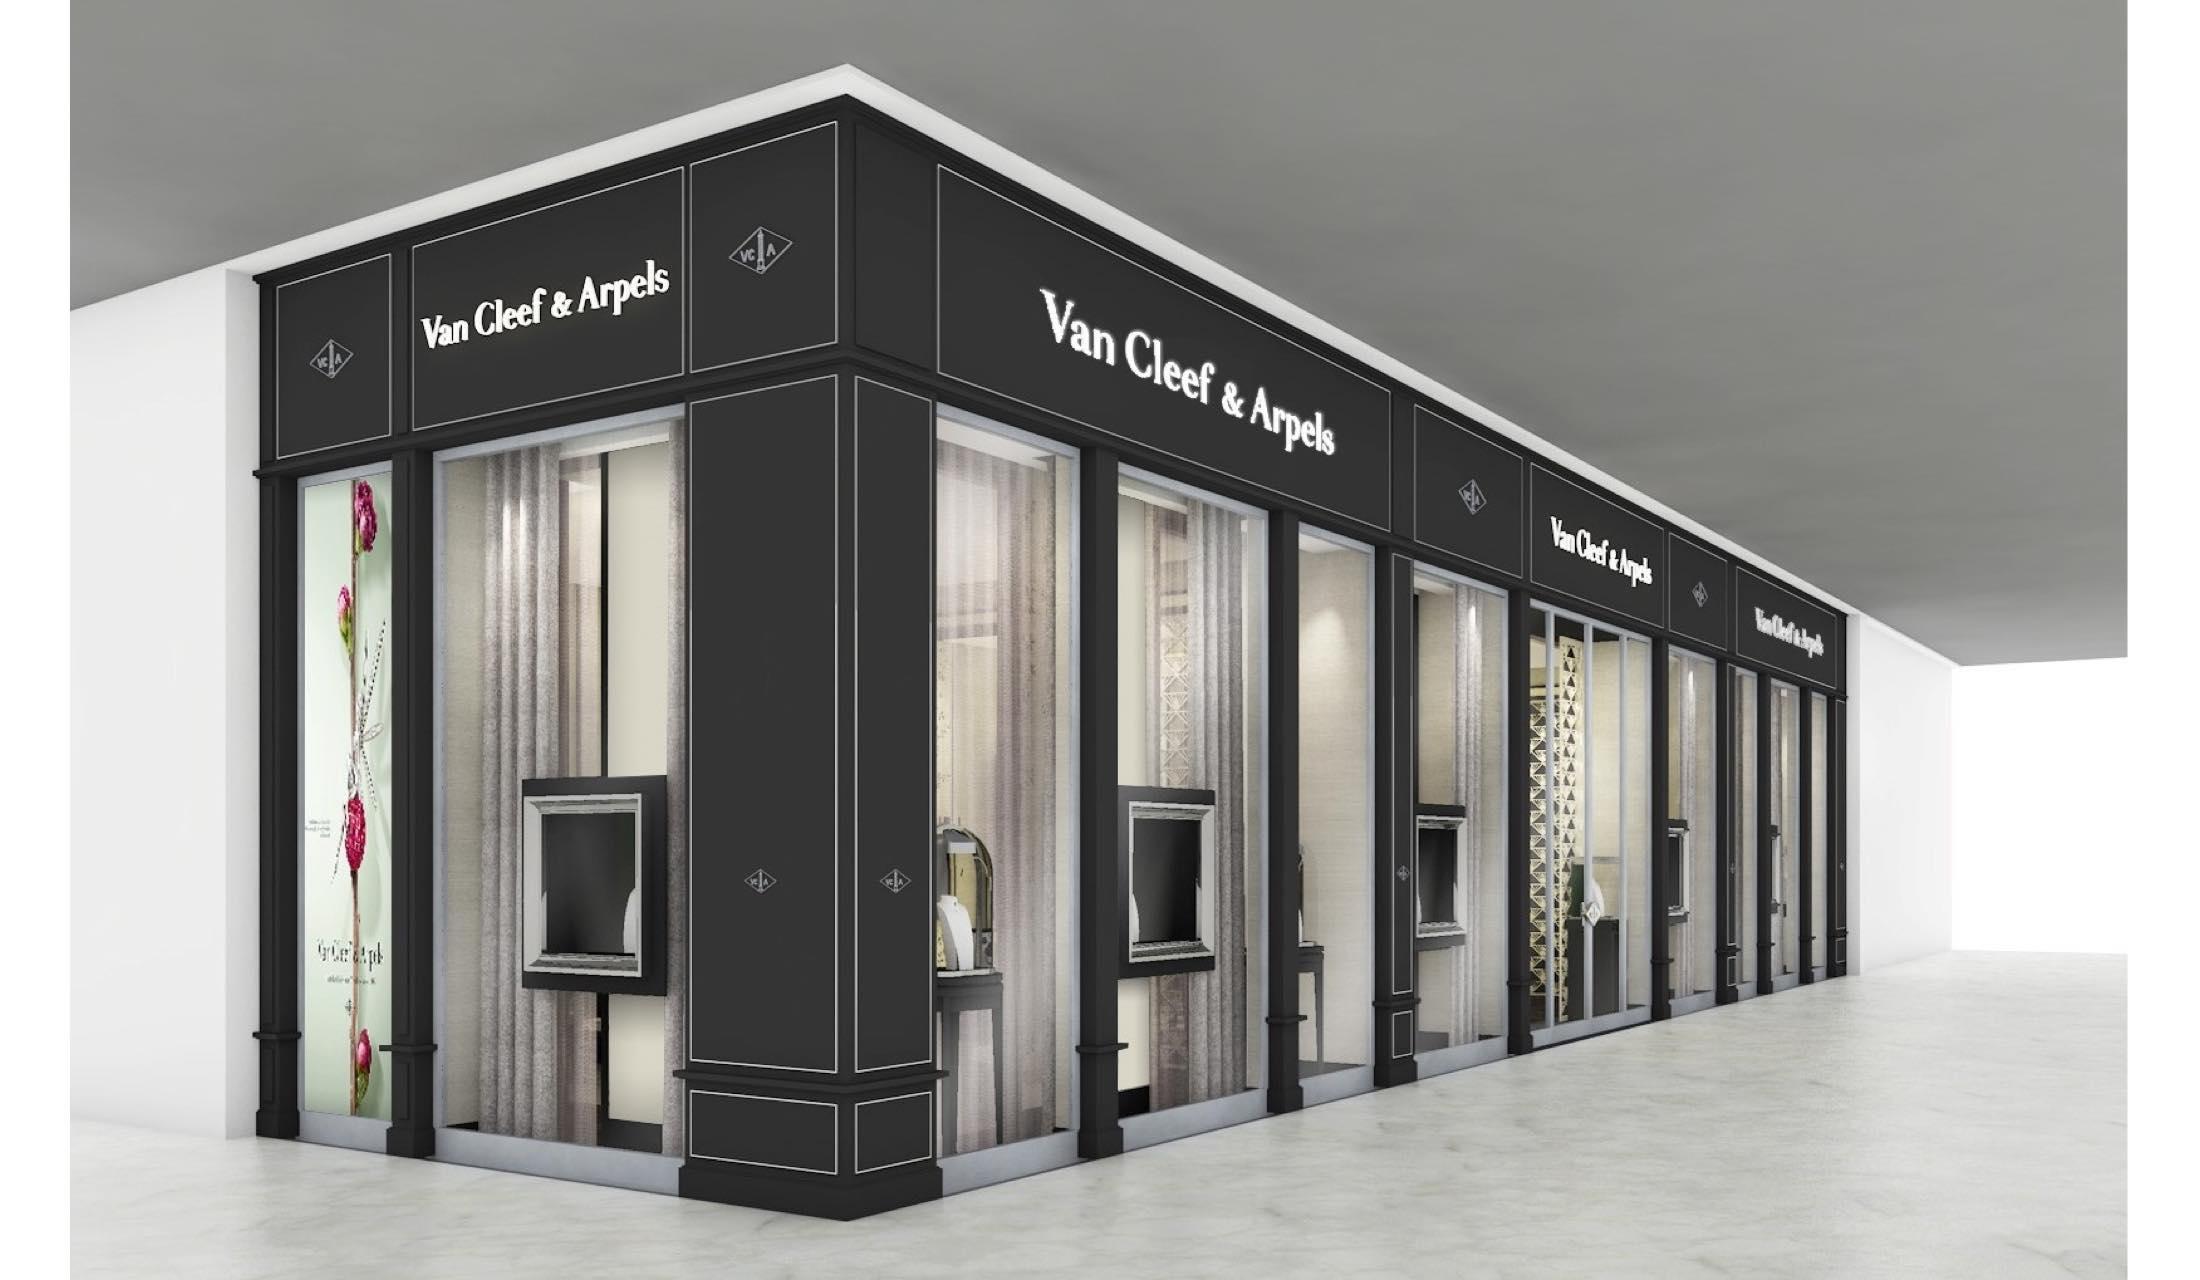 ヴァン クリーフ&アーペル(Van Cleef & Arpels)の名古屋ミッドランドスクエア店外観